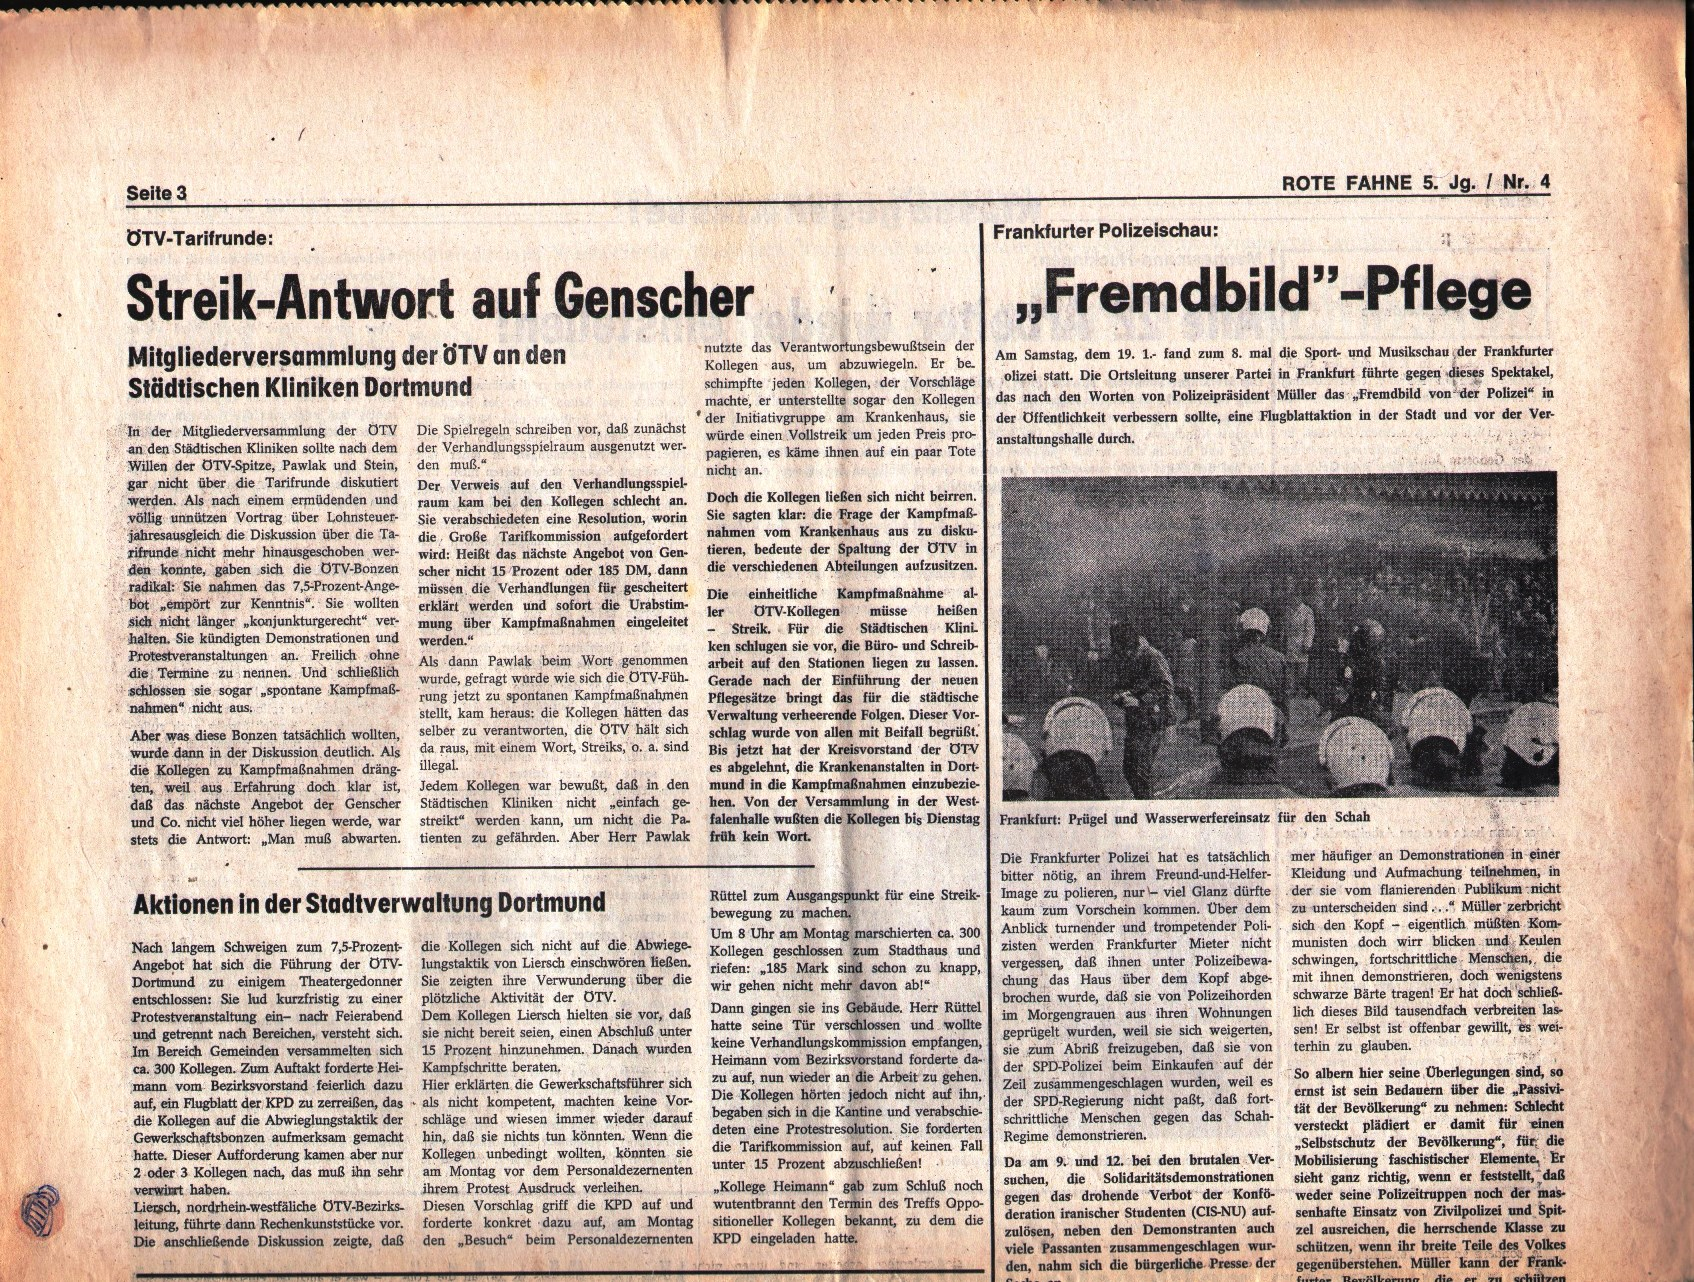 KPD_Rote_Fahne_1974_04_05